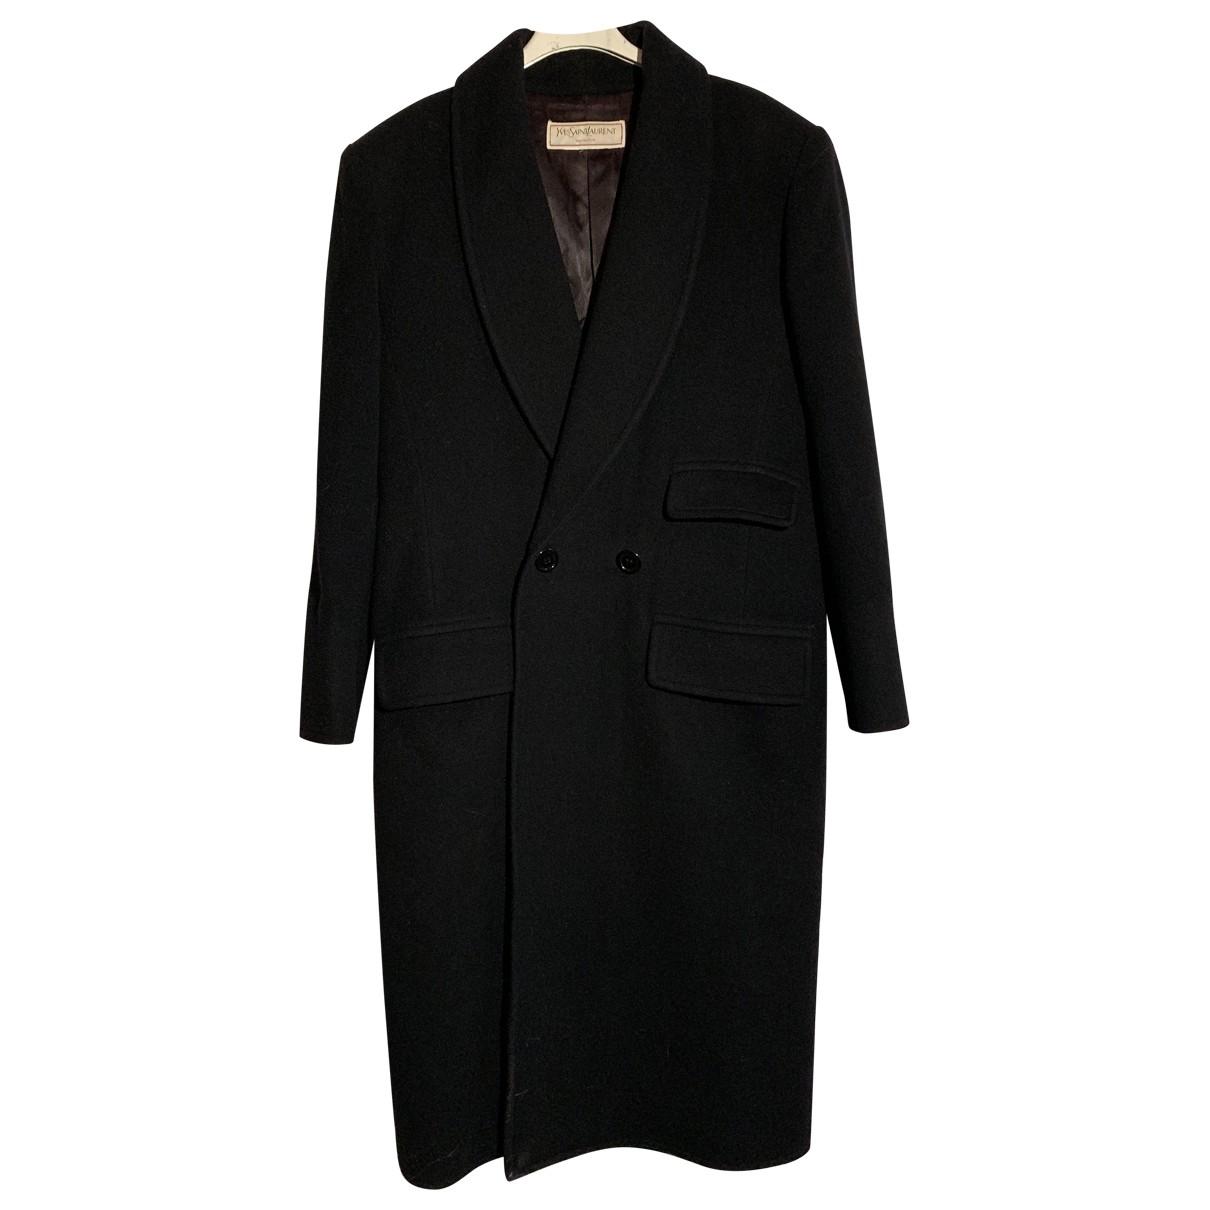 Yves Saint Laurent - Manteau   pour femme en laine - noir